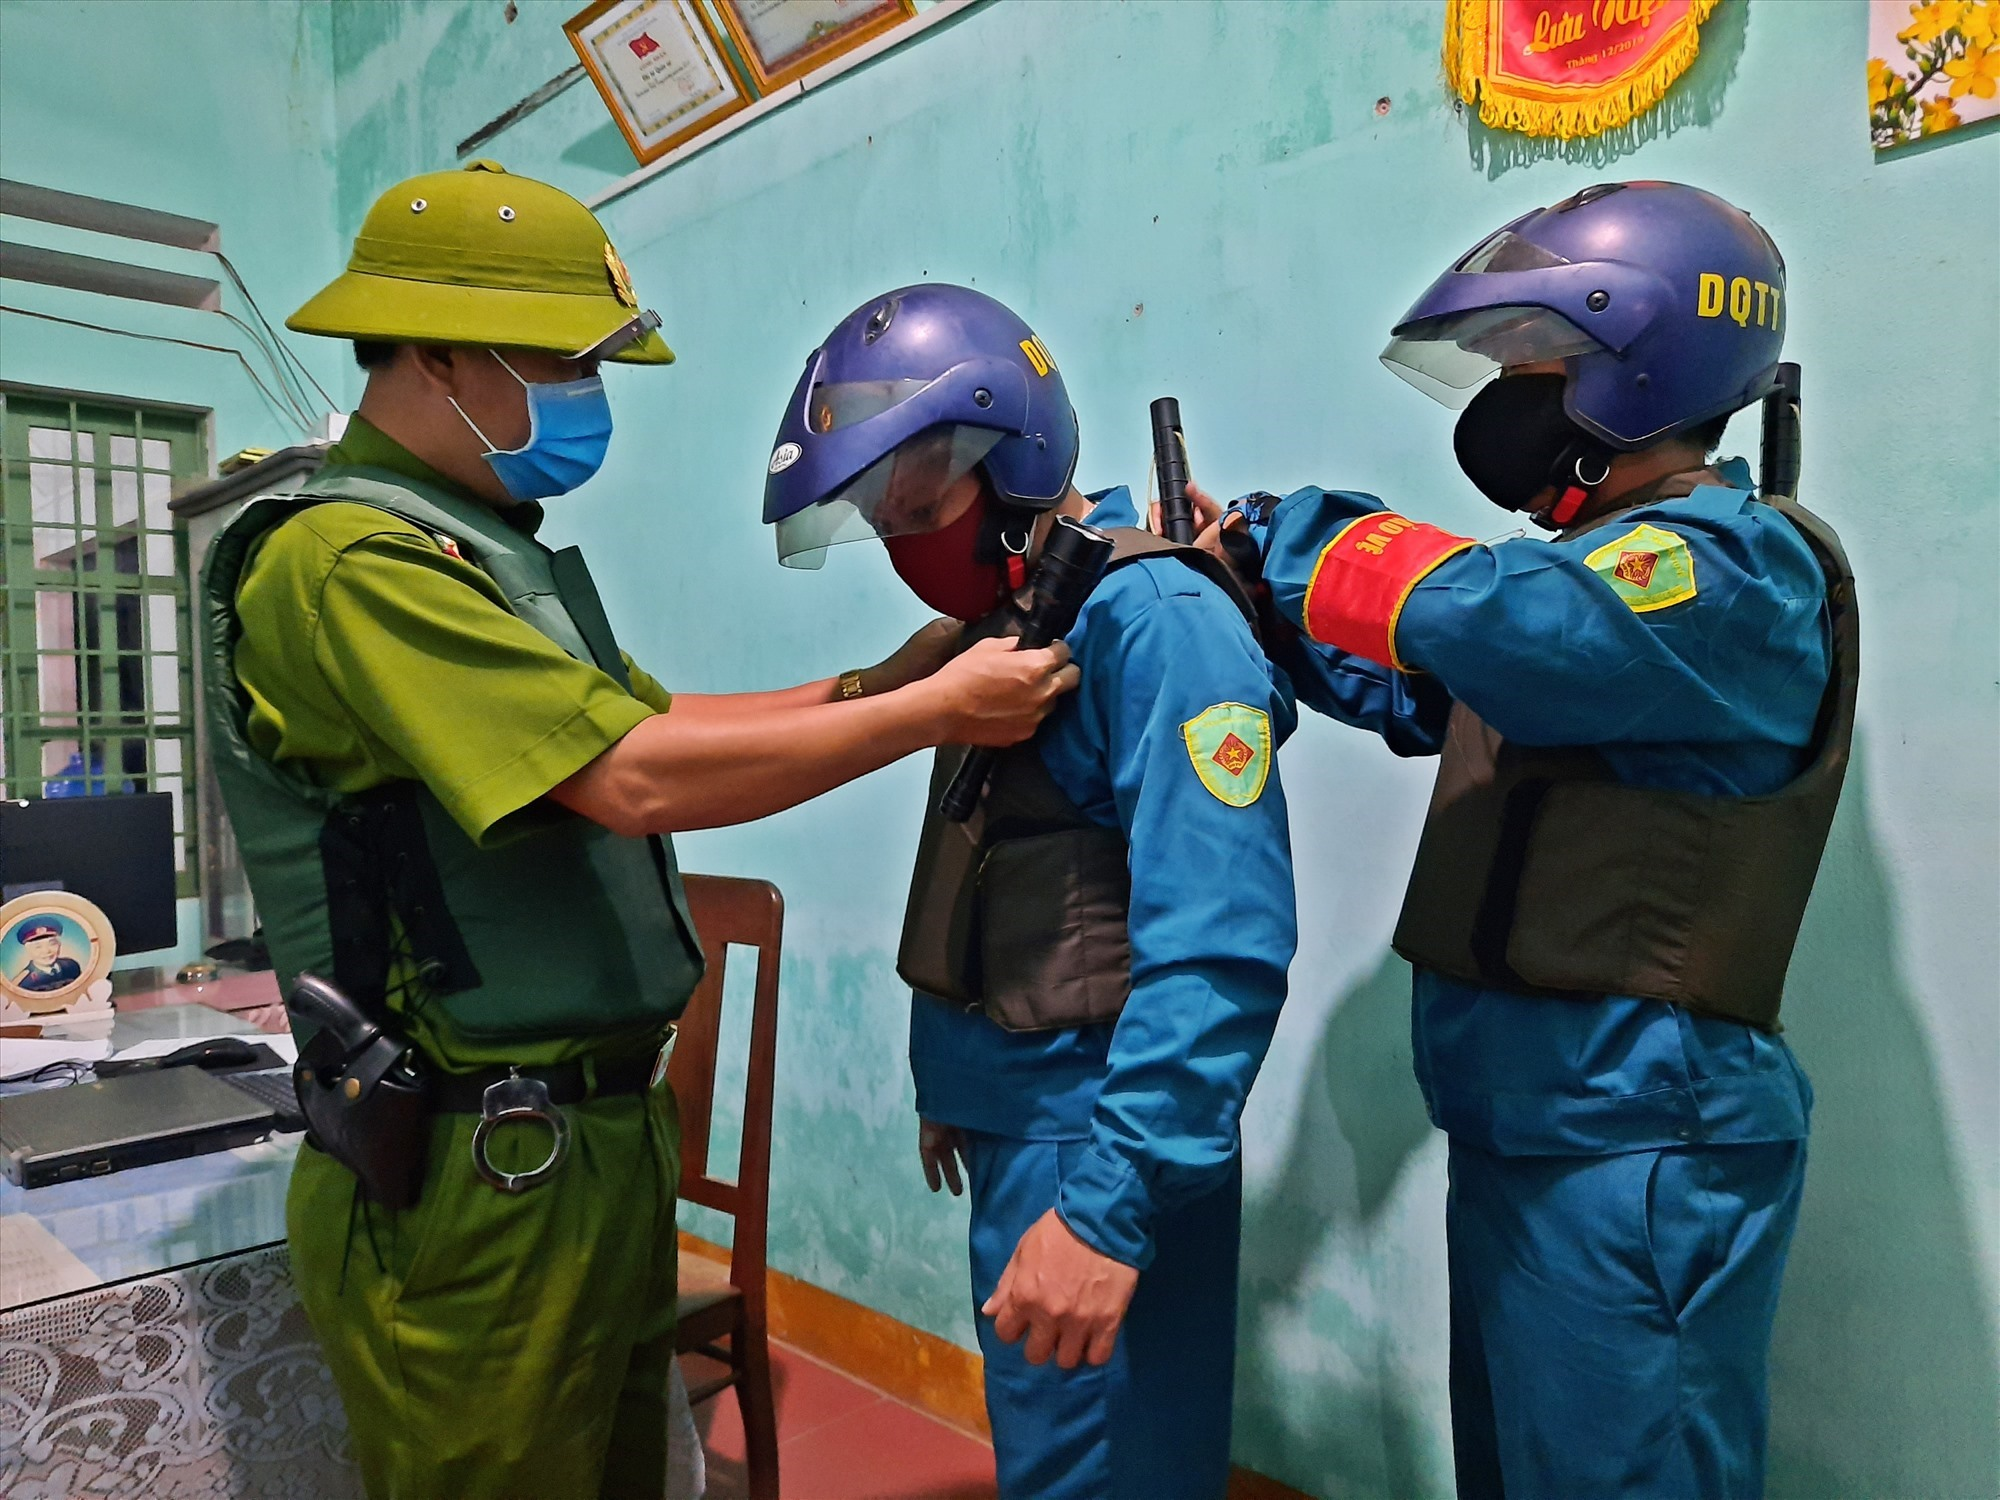 Công tác tuần tra đêm được tổ chức thường xuyên để trấn áp các loại tội phạm. (Trong ảnh: Các lực lượng chức năng mặc quân phục, áo giáp, trang bị công cụ hỗ trợ trước khi lên đường làm nhiệm vụ). Ảnh: Đ. Q